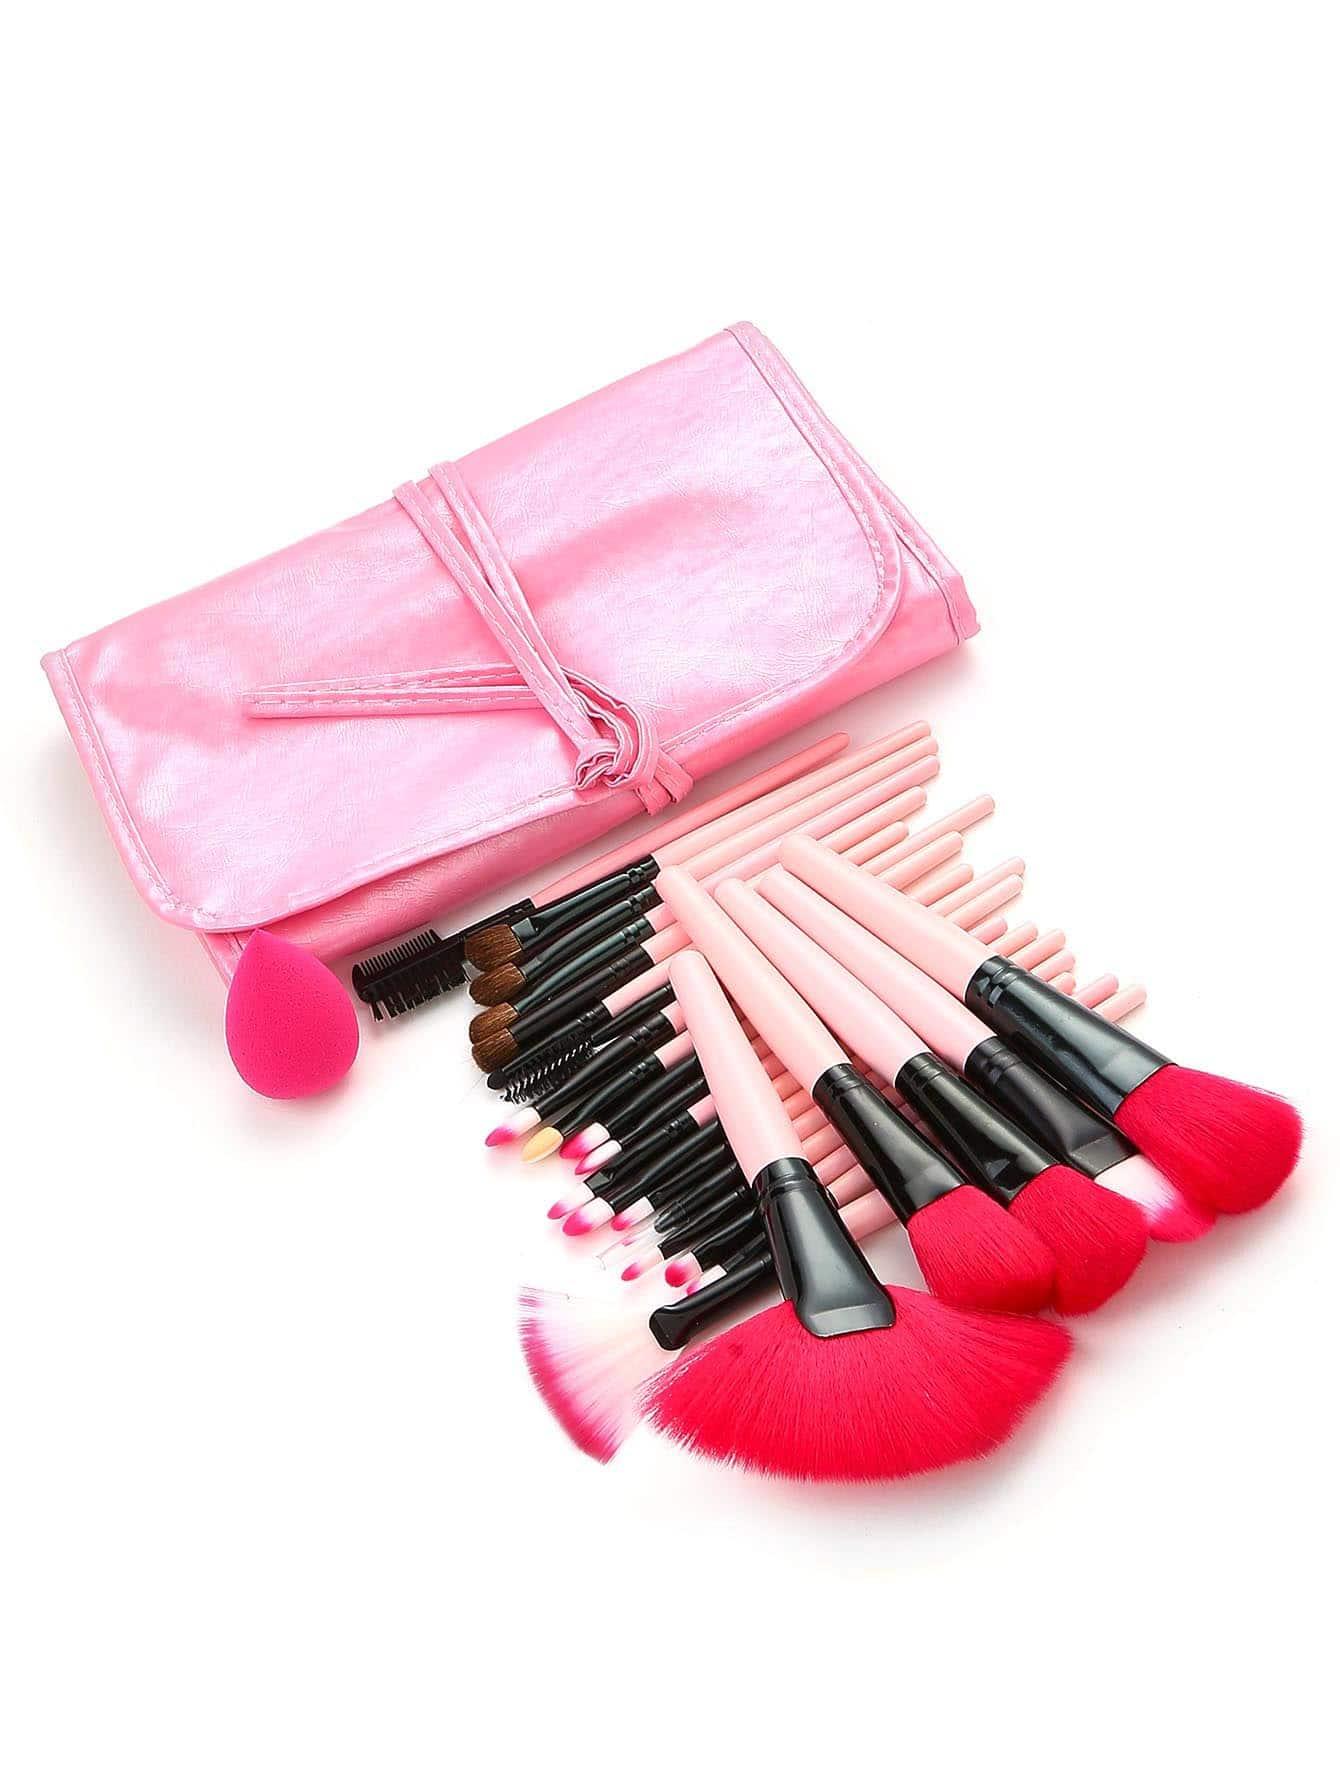 Professional Makeup Brush 24pcs With PU Bag